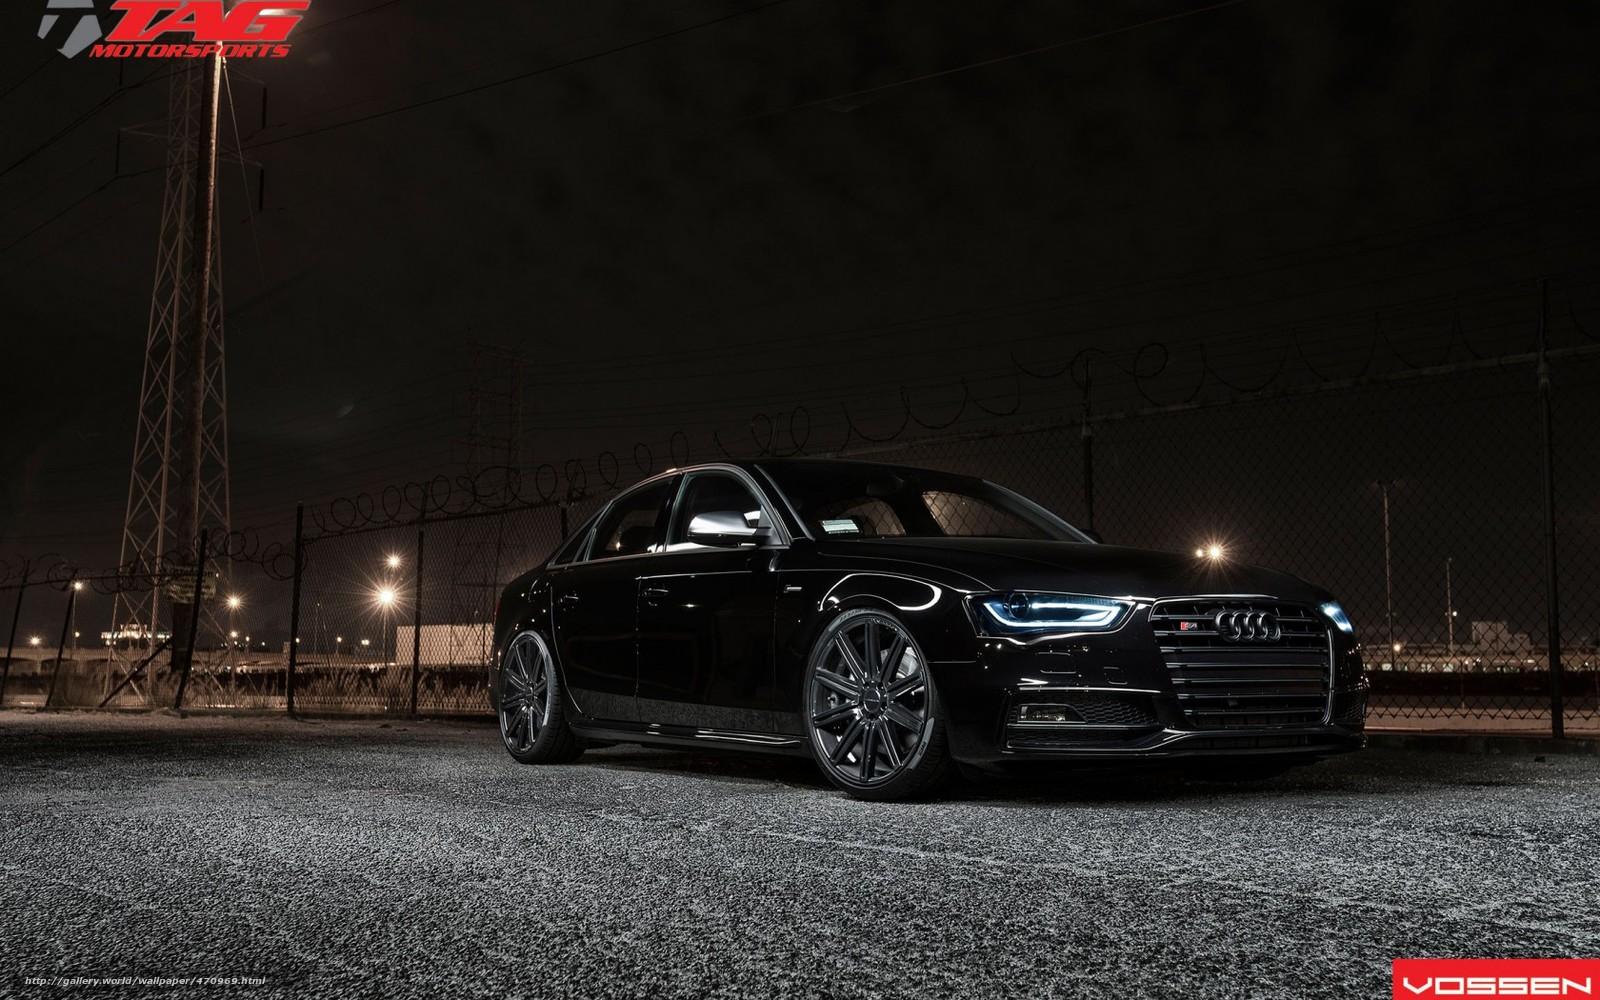 Download Hintergrund Audi Abstimmung Schwarz Audi Freie